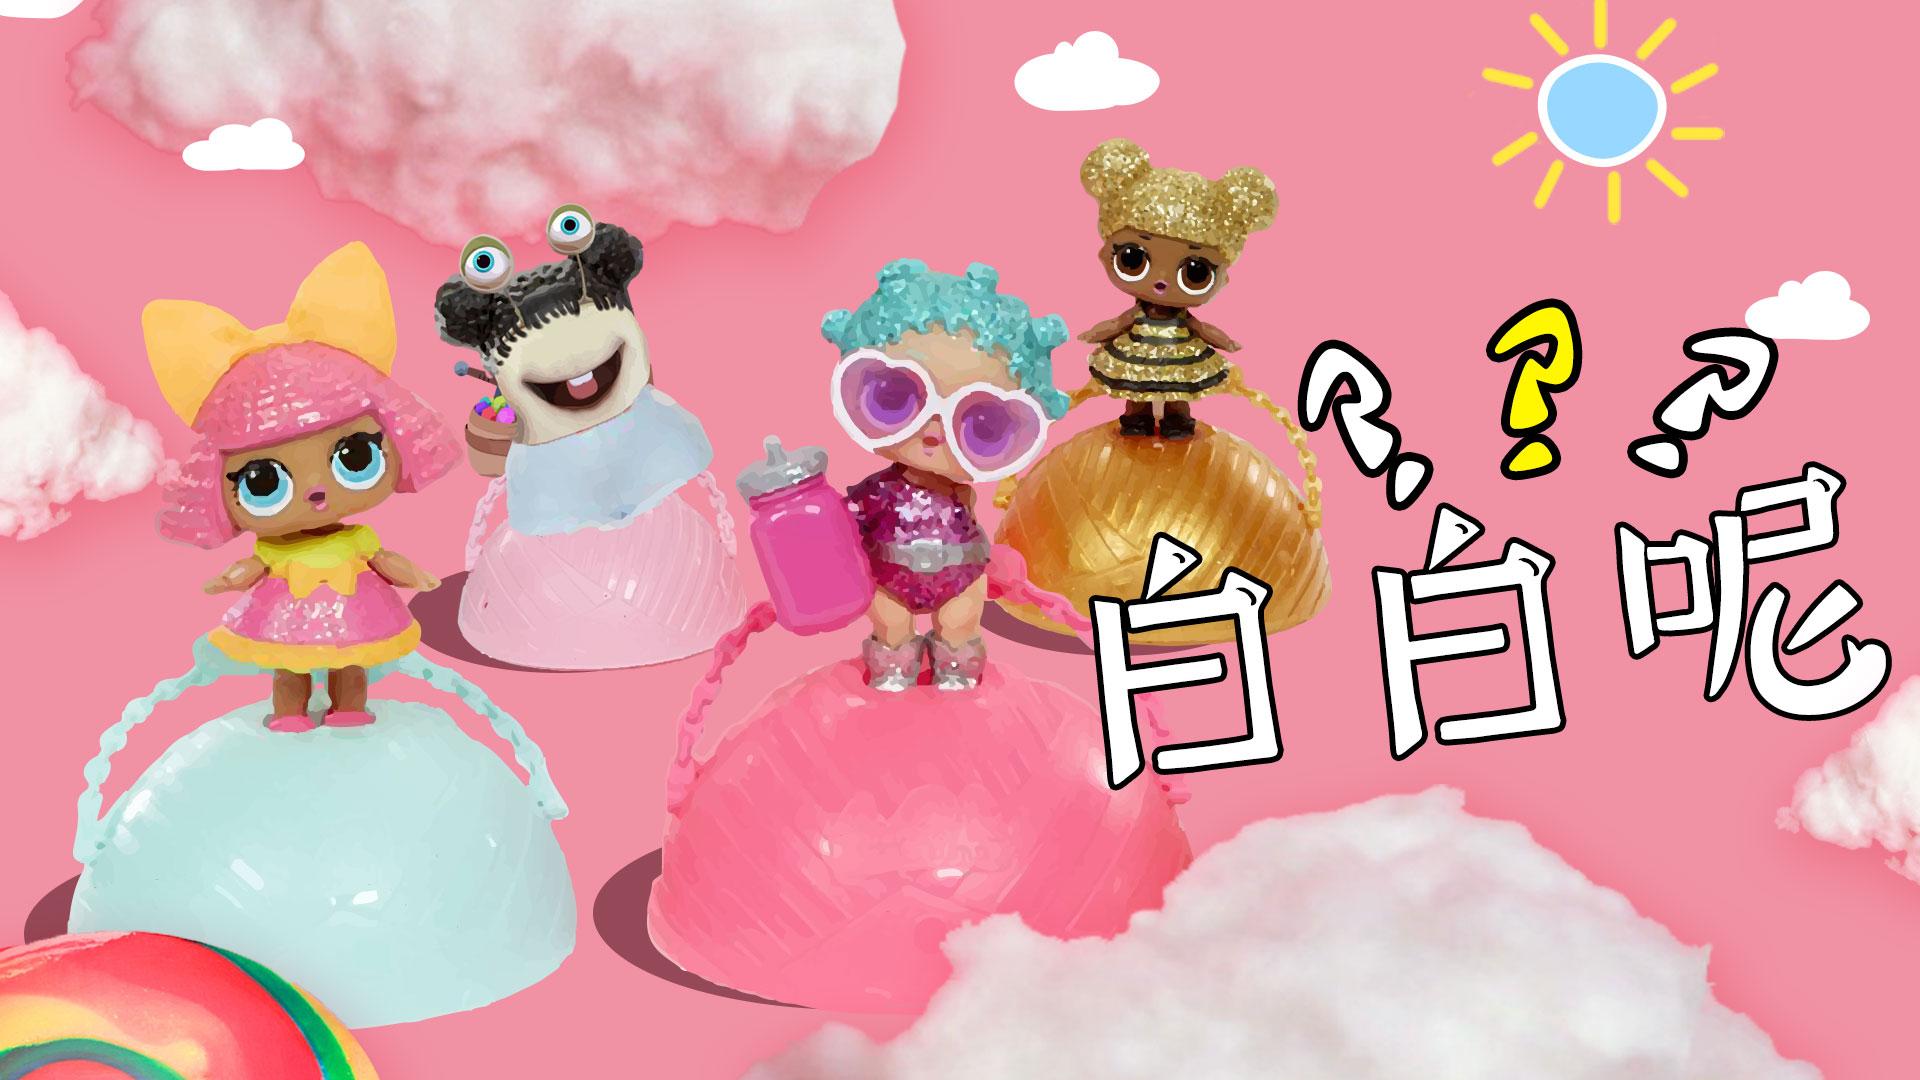 白白侠玩具秀:lola玩具奇趣公主蛋q版芭比积木系列金刚新的神兽合集娃娃图片